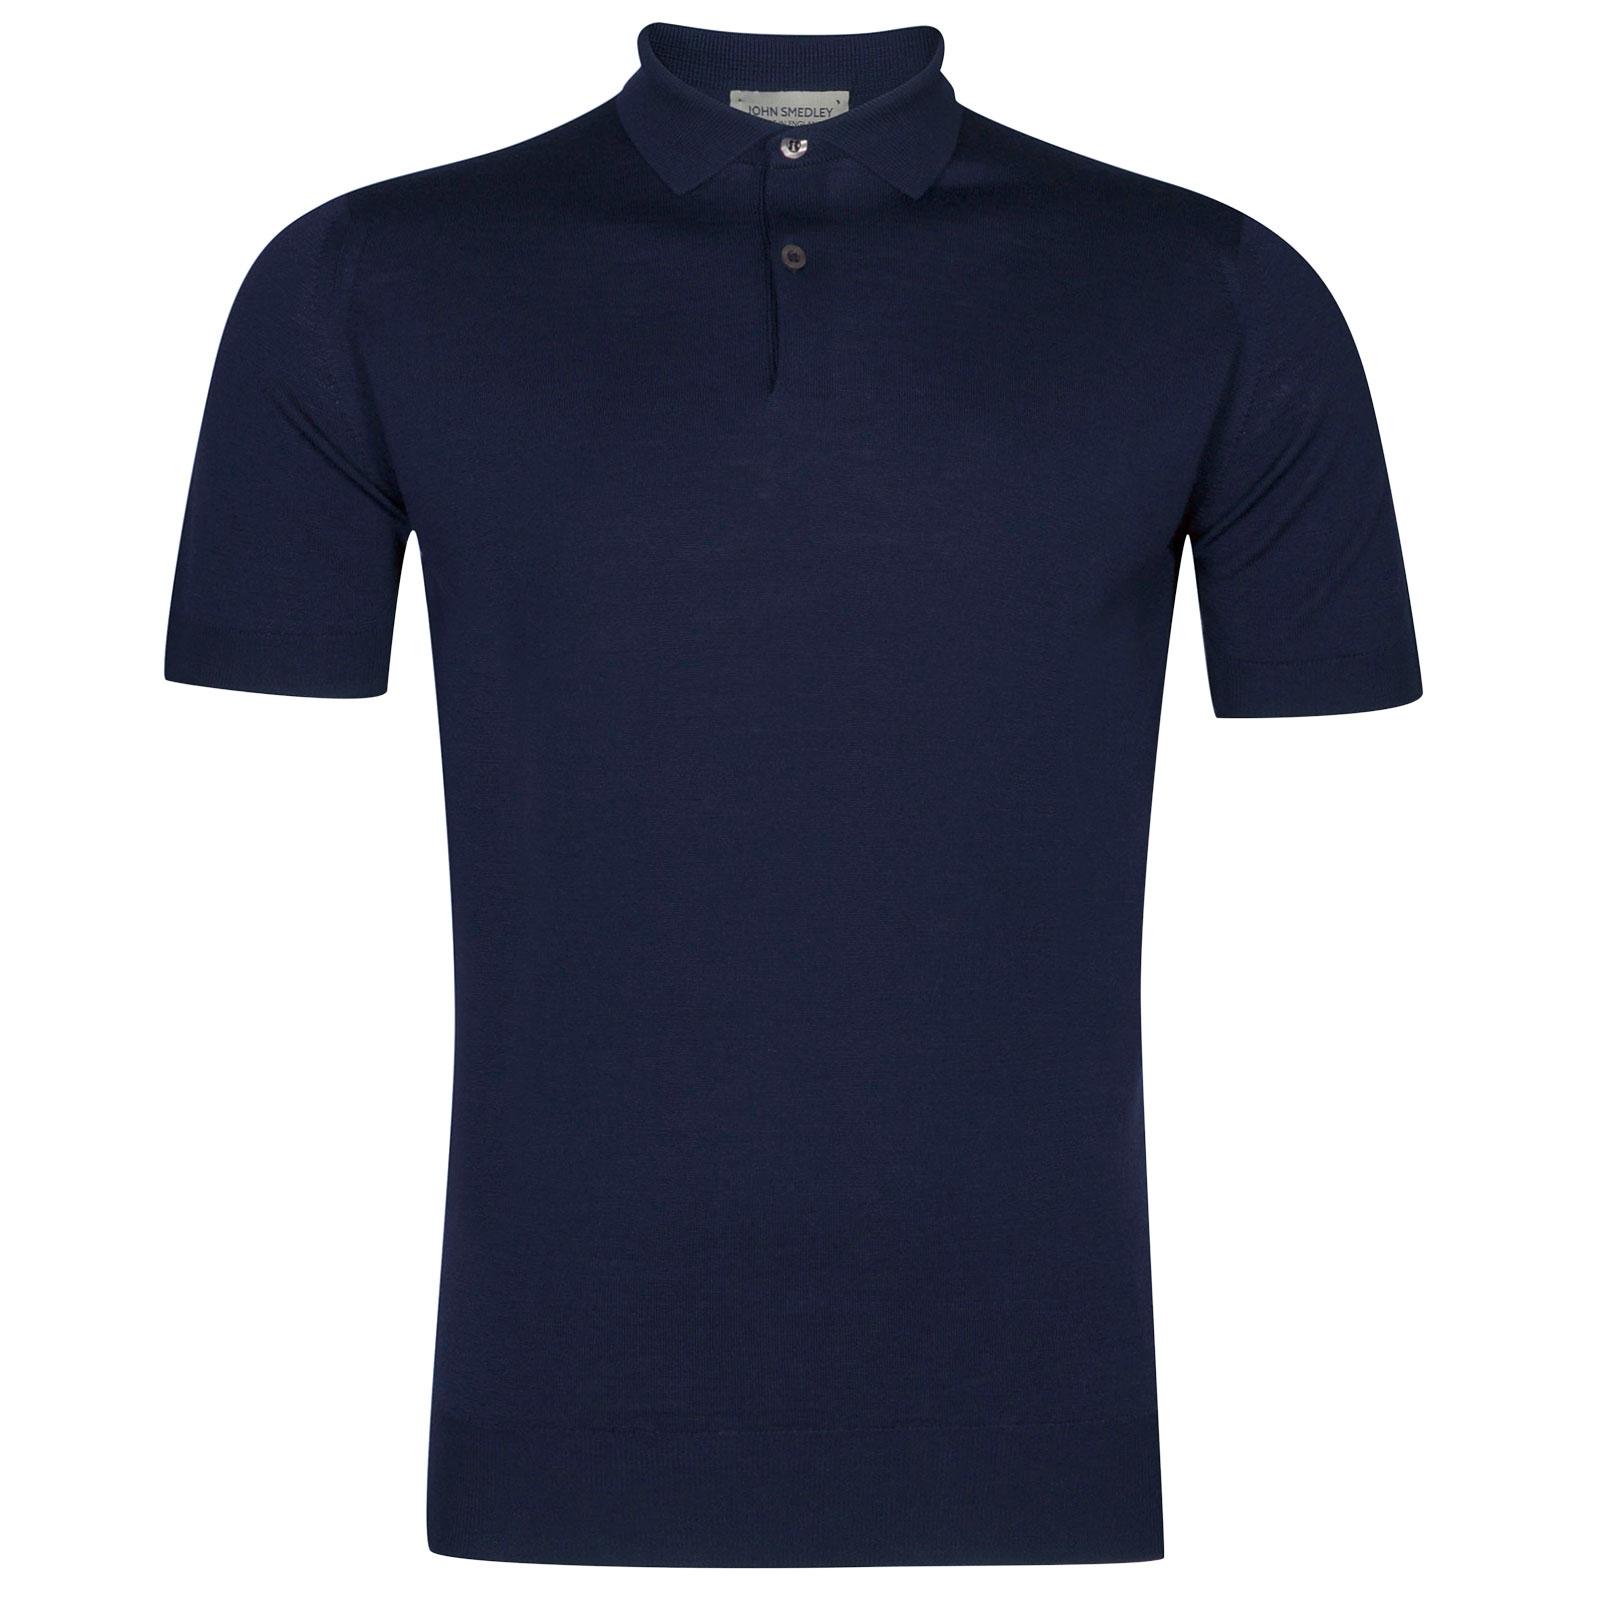 John Smedley Payton Merino Wool Shirt in Magnetic Cobalt-XXL